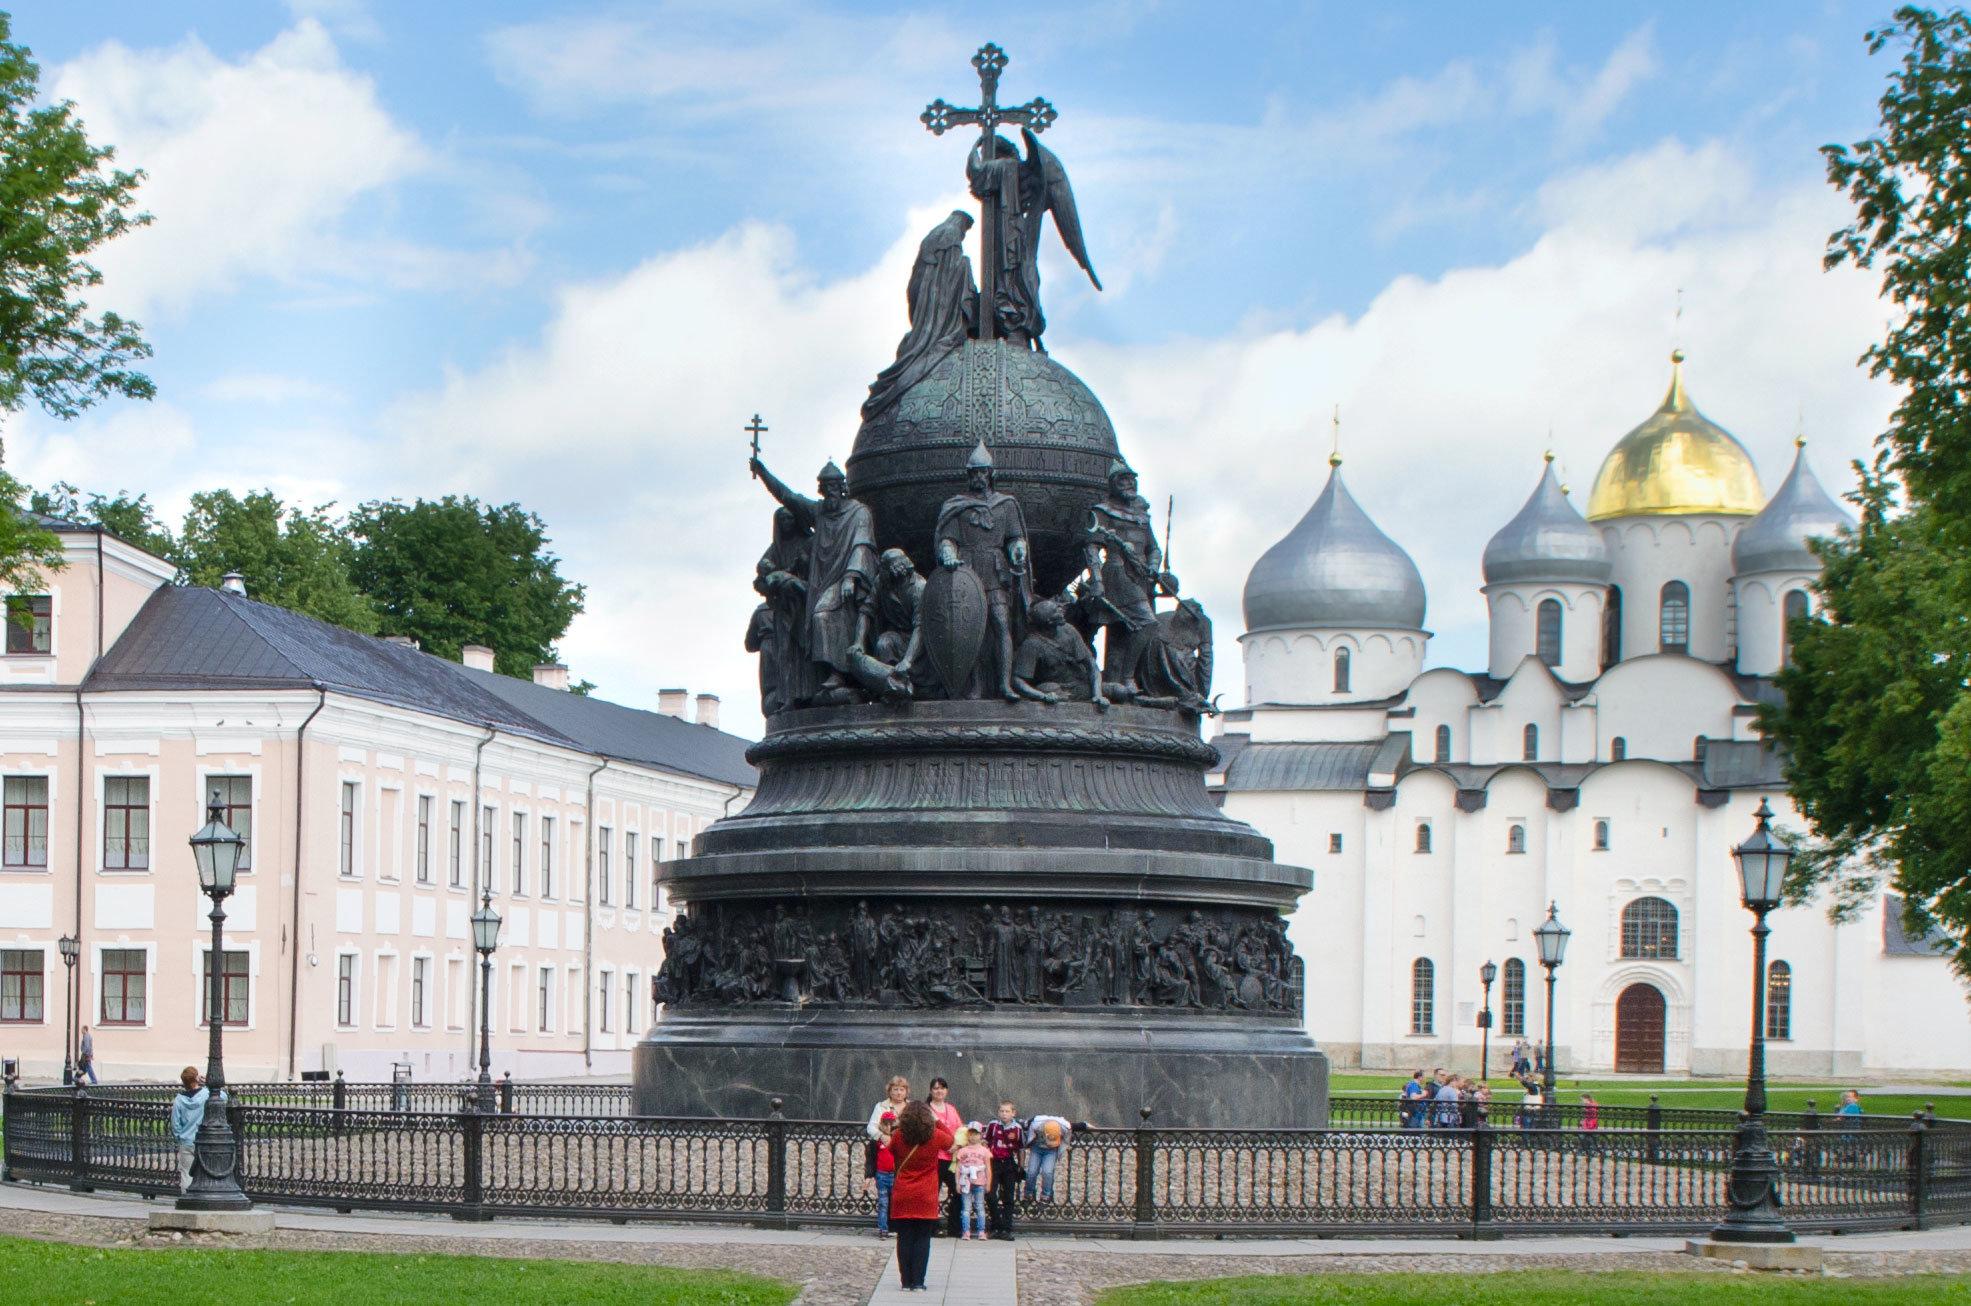 Даже на фоне величественного Софийского собора Памятник тысячелетию России выглядит весьма впечатляюще.